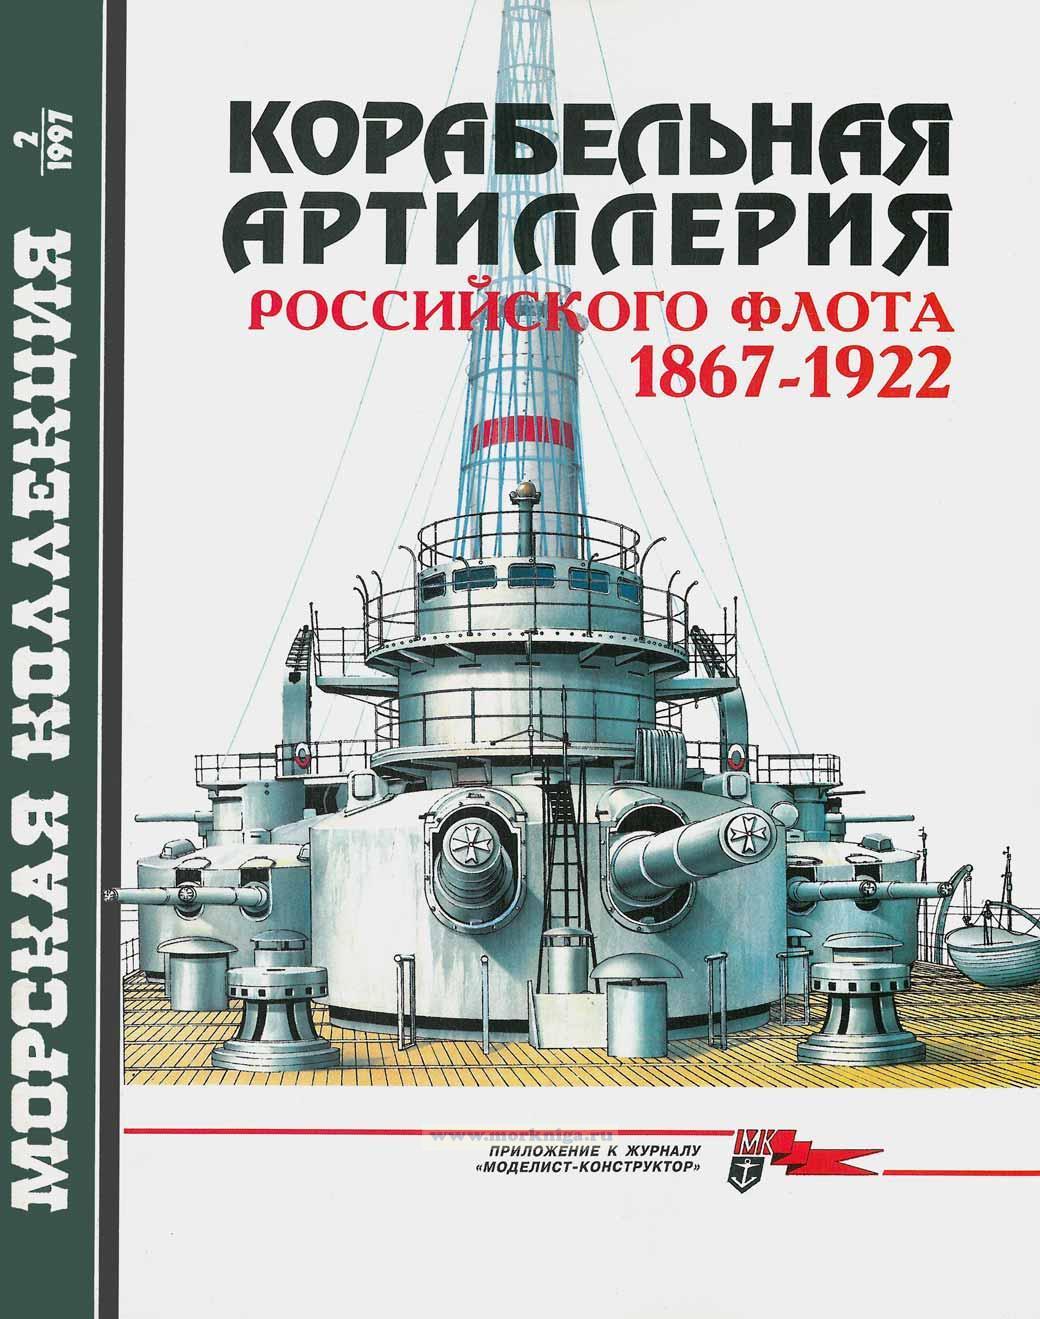 Корабельная артиллерия российского флота 1867-1922. Морская коллекция №2 (1997)